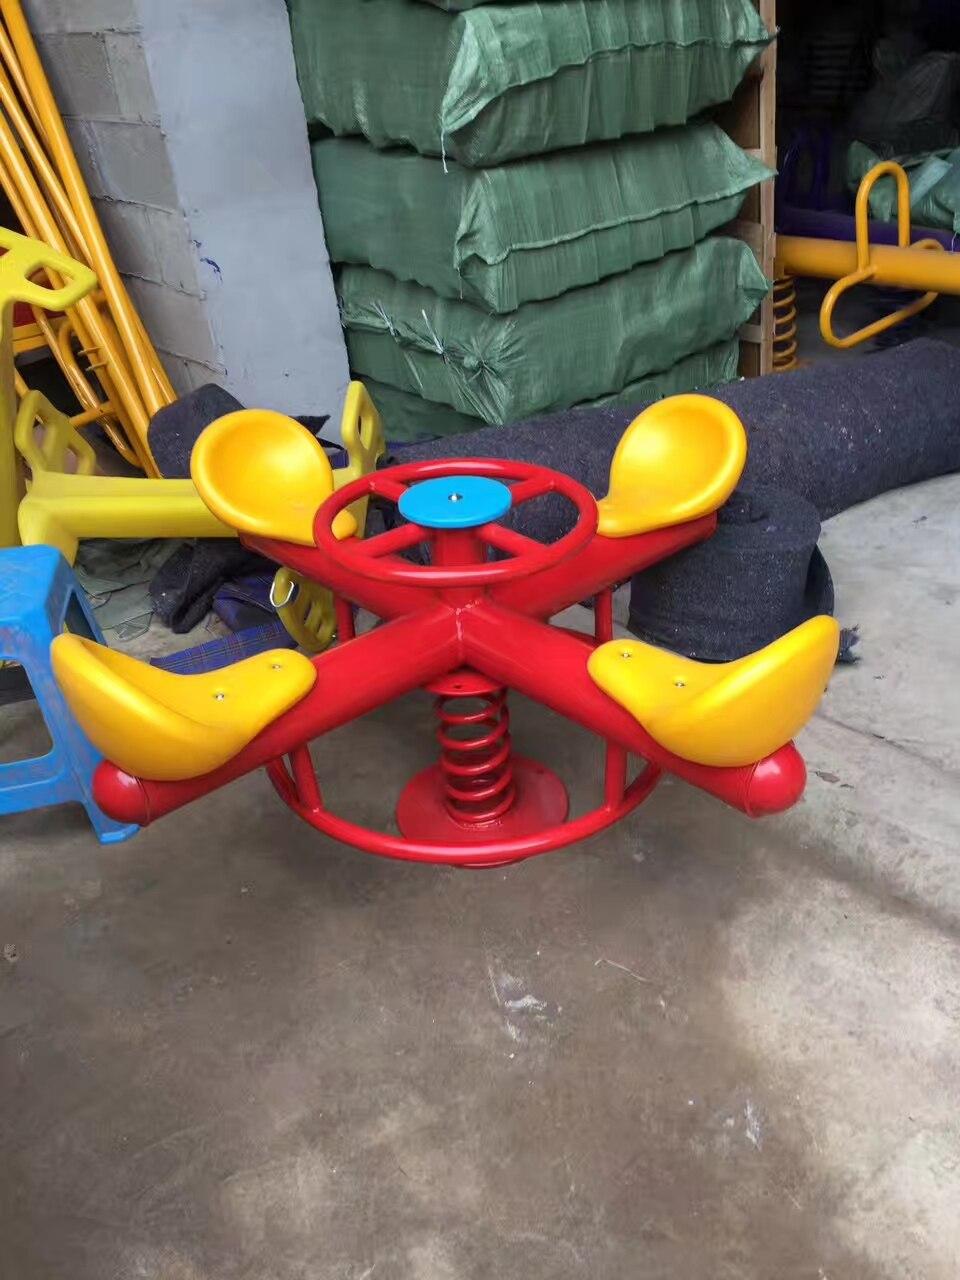 outdoor balance seesaw children seesaw garden toy seesaw chair kids seesaw playground seat  baby seesaw children's horse Q54